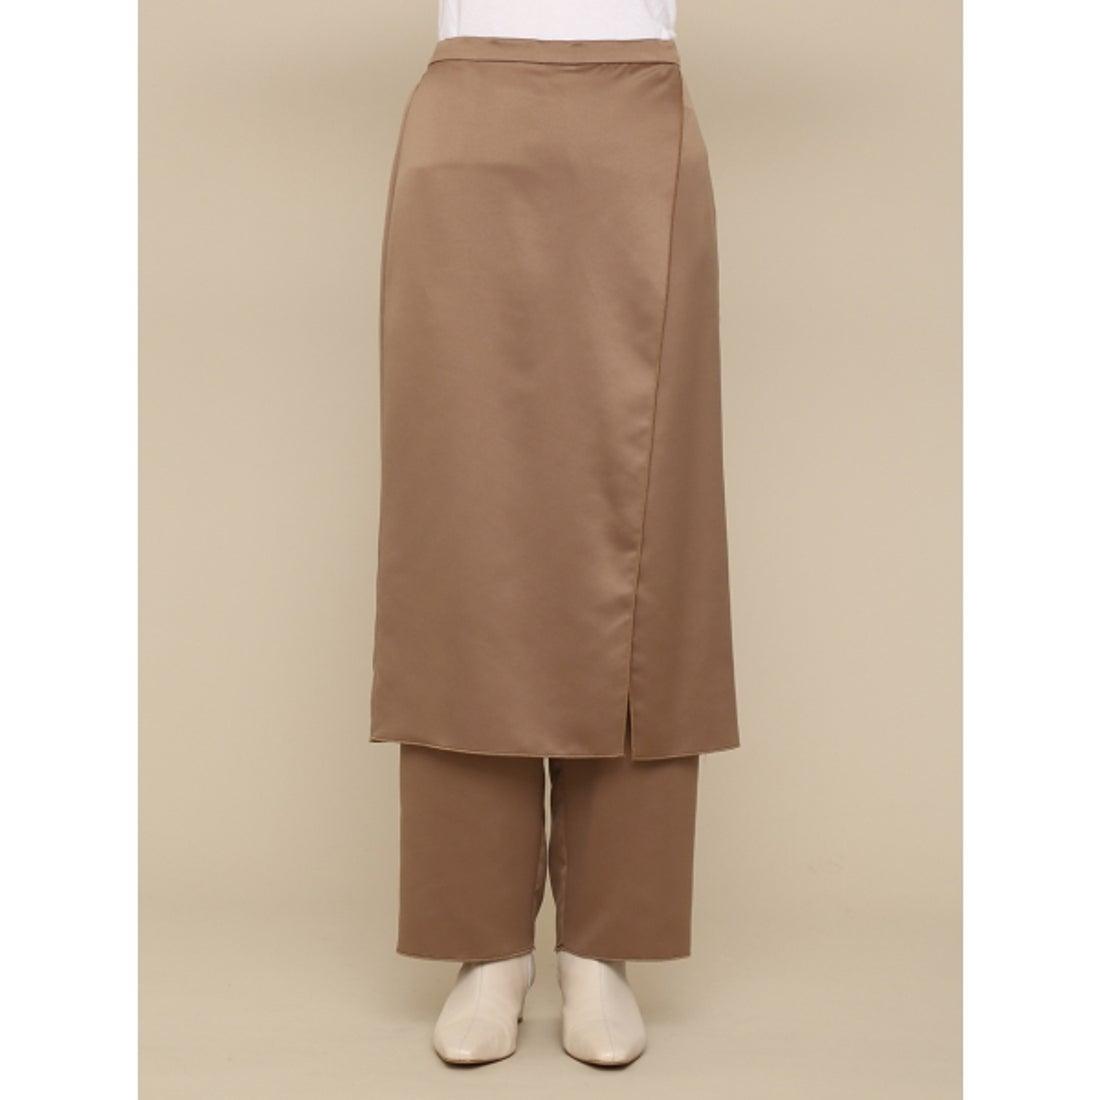 ラップ レイヤード スカート